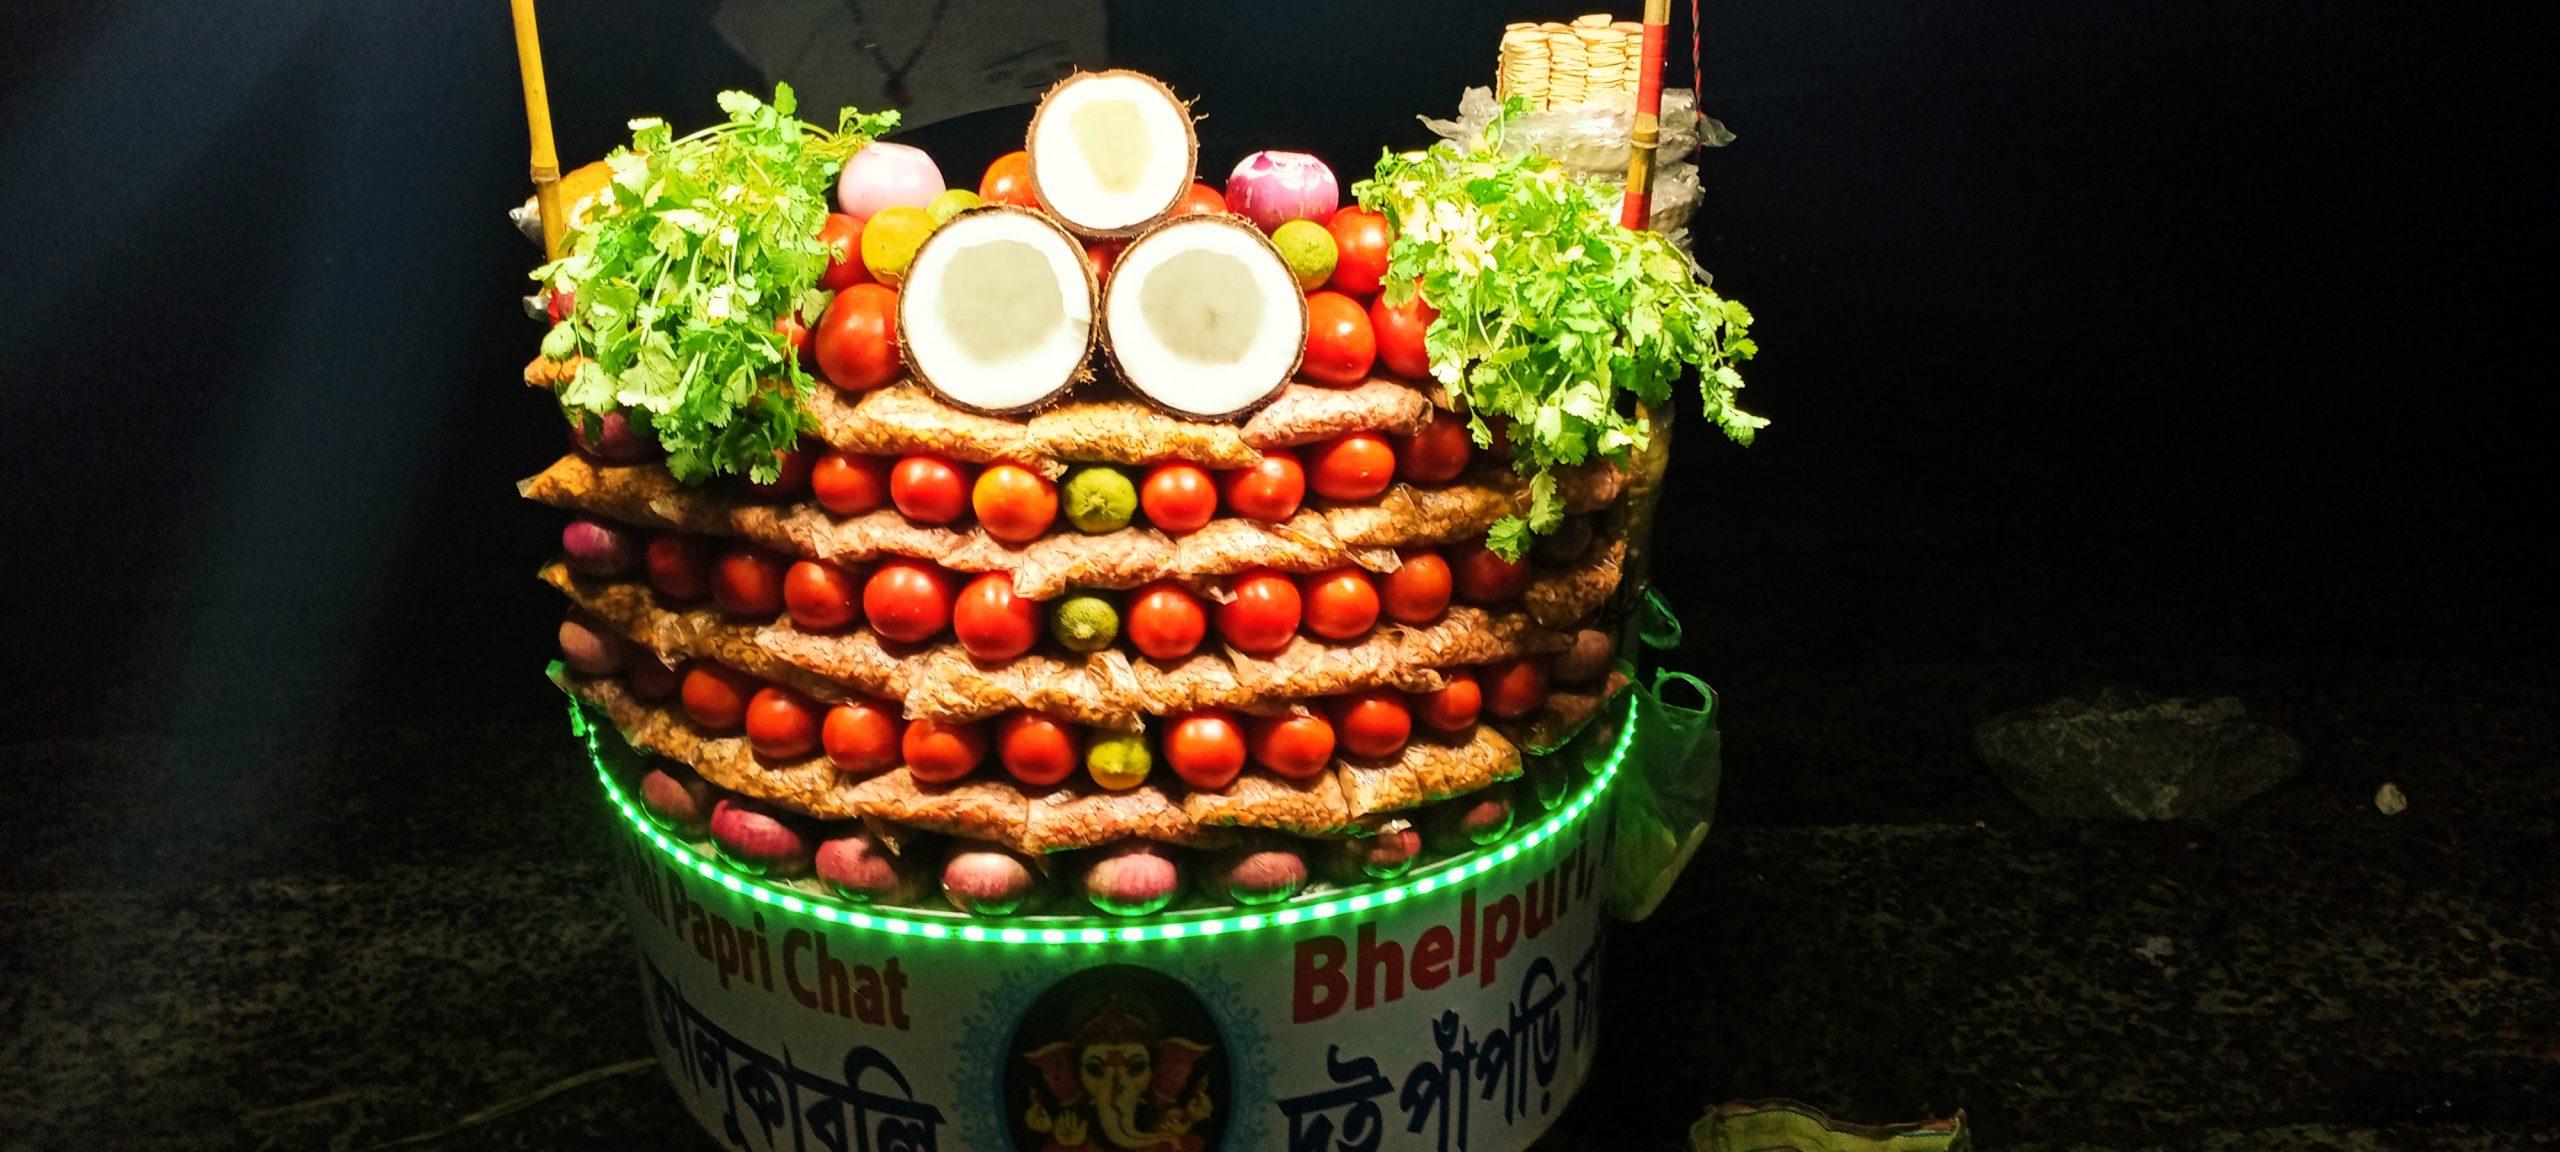 Vegetables arranged in a basket